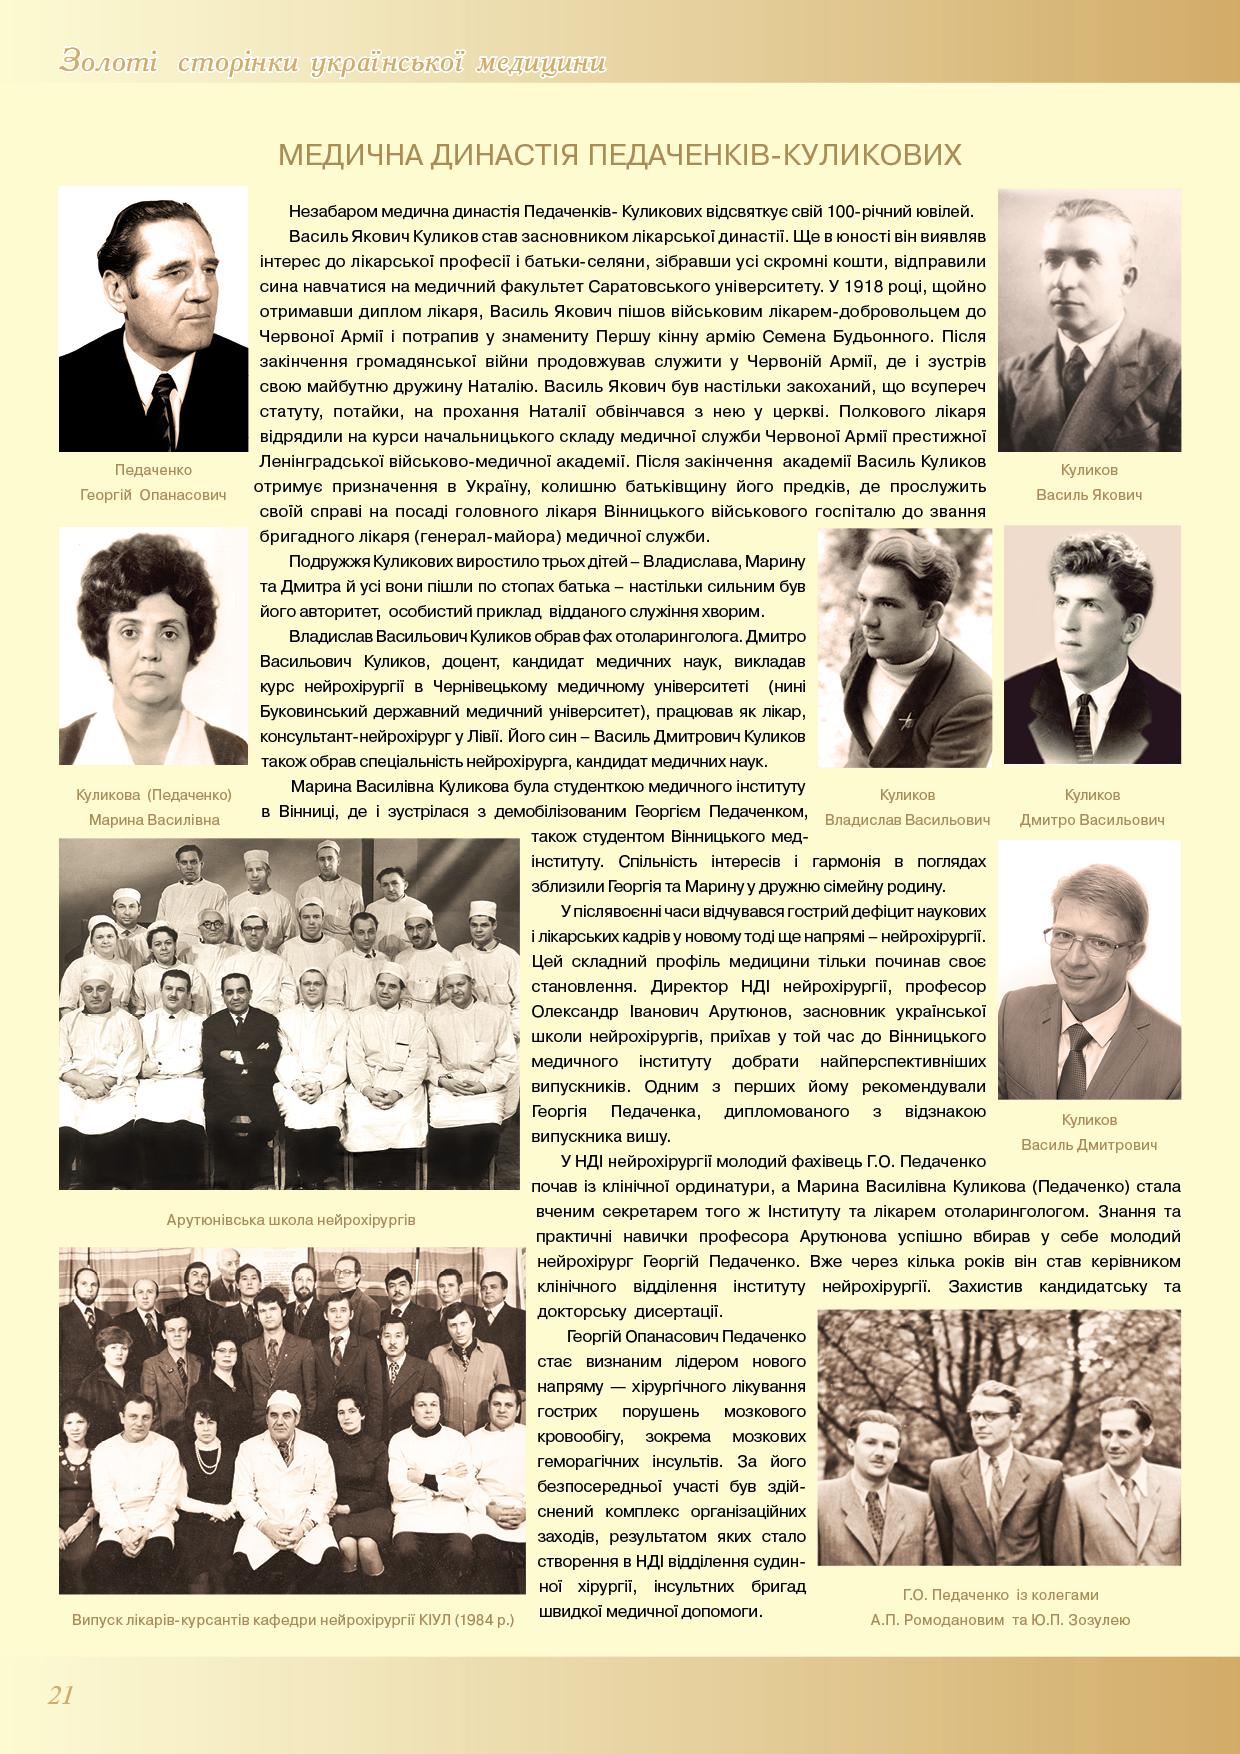 Медична династія Педаченків-Куликових